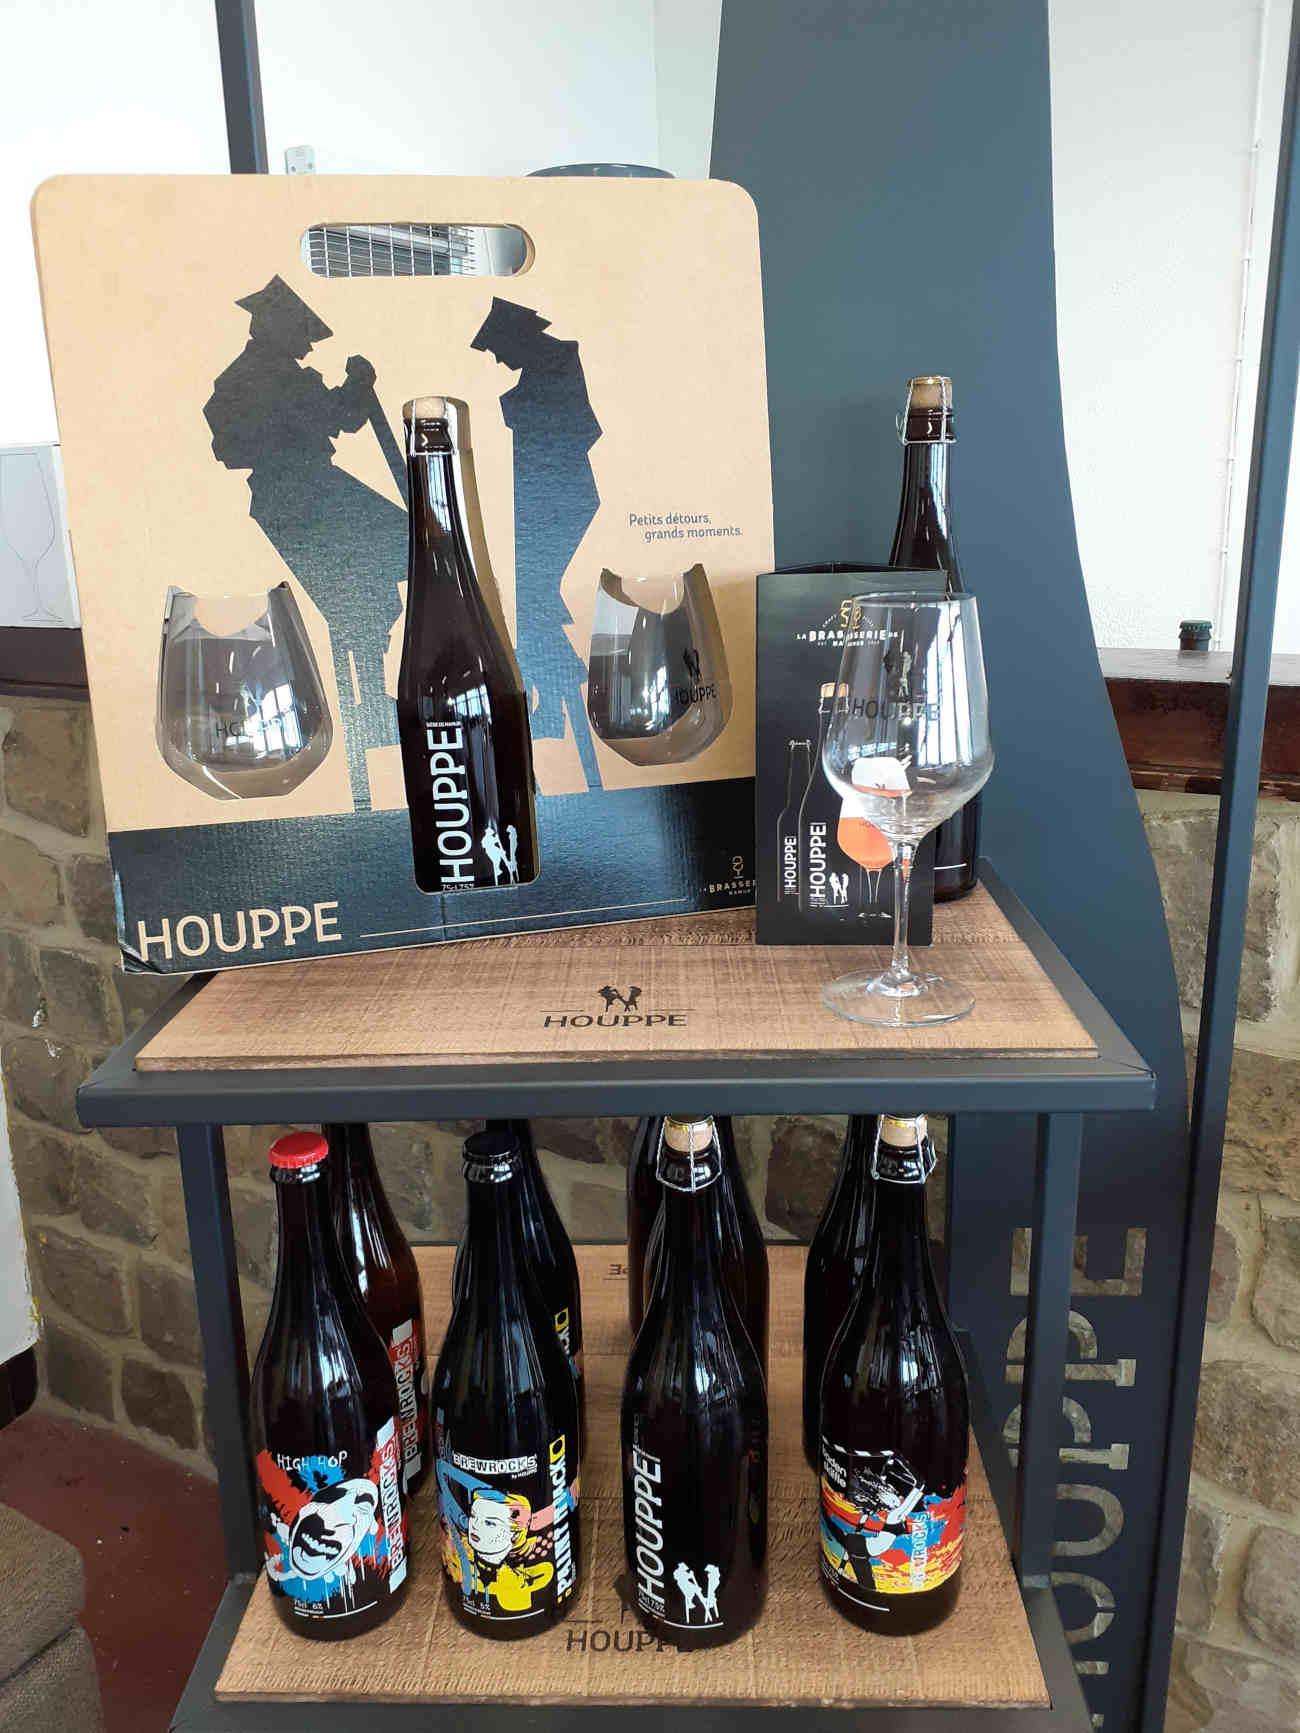 La Houppe fabrique occasionnellement des bières en collaboration avec des artistes.